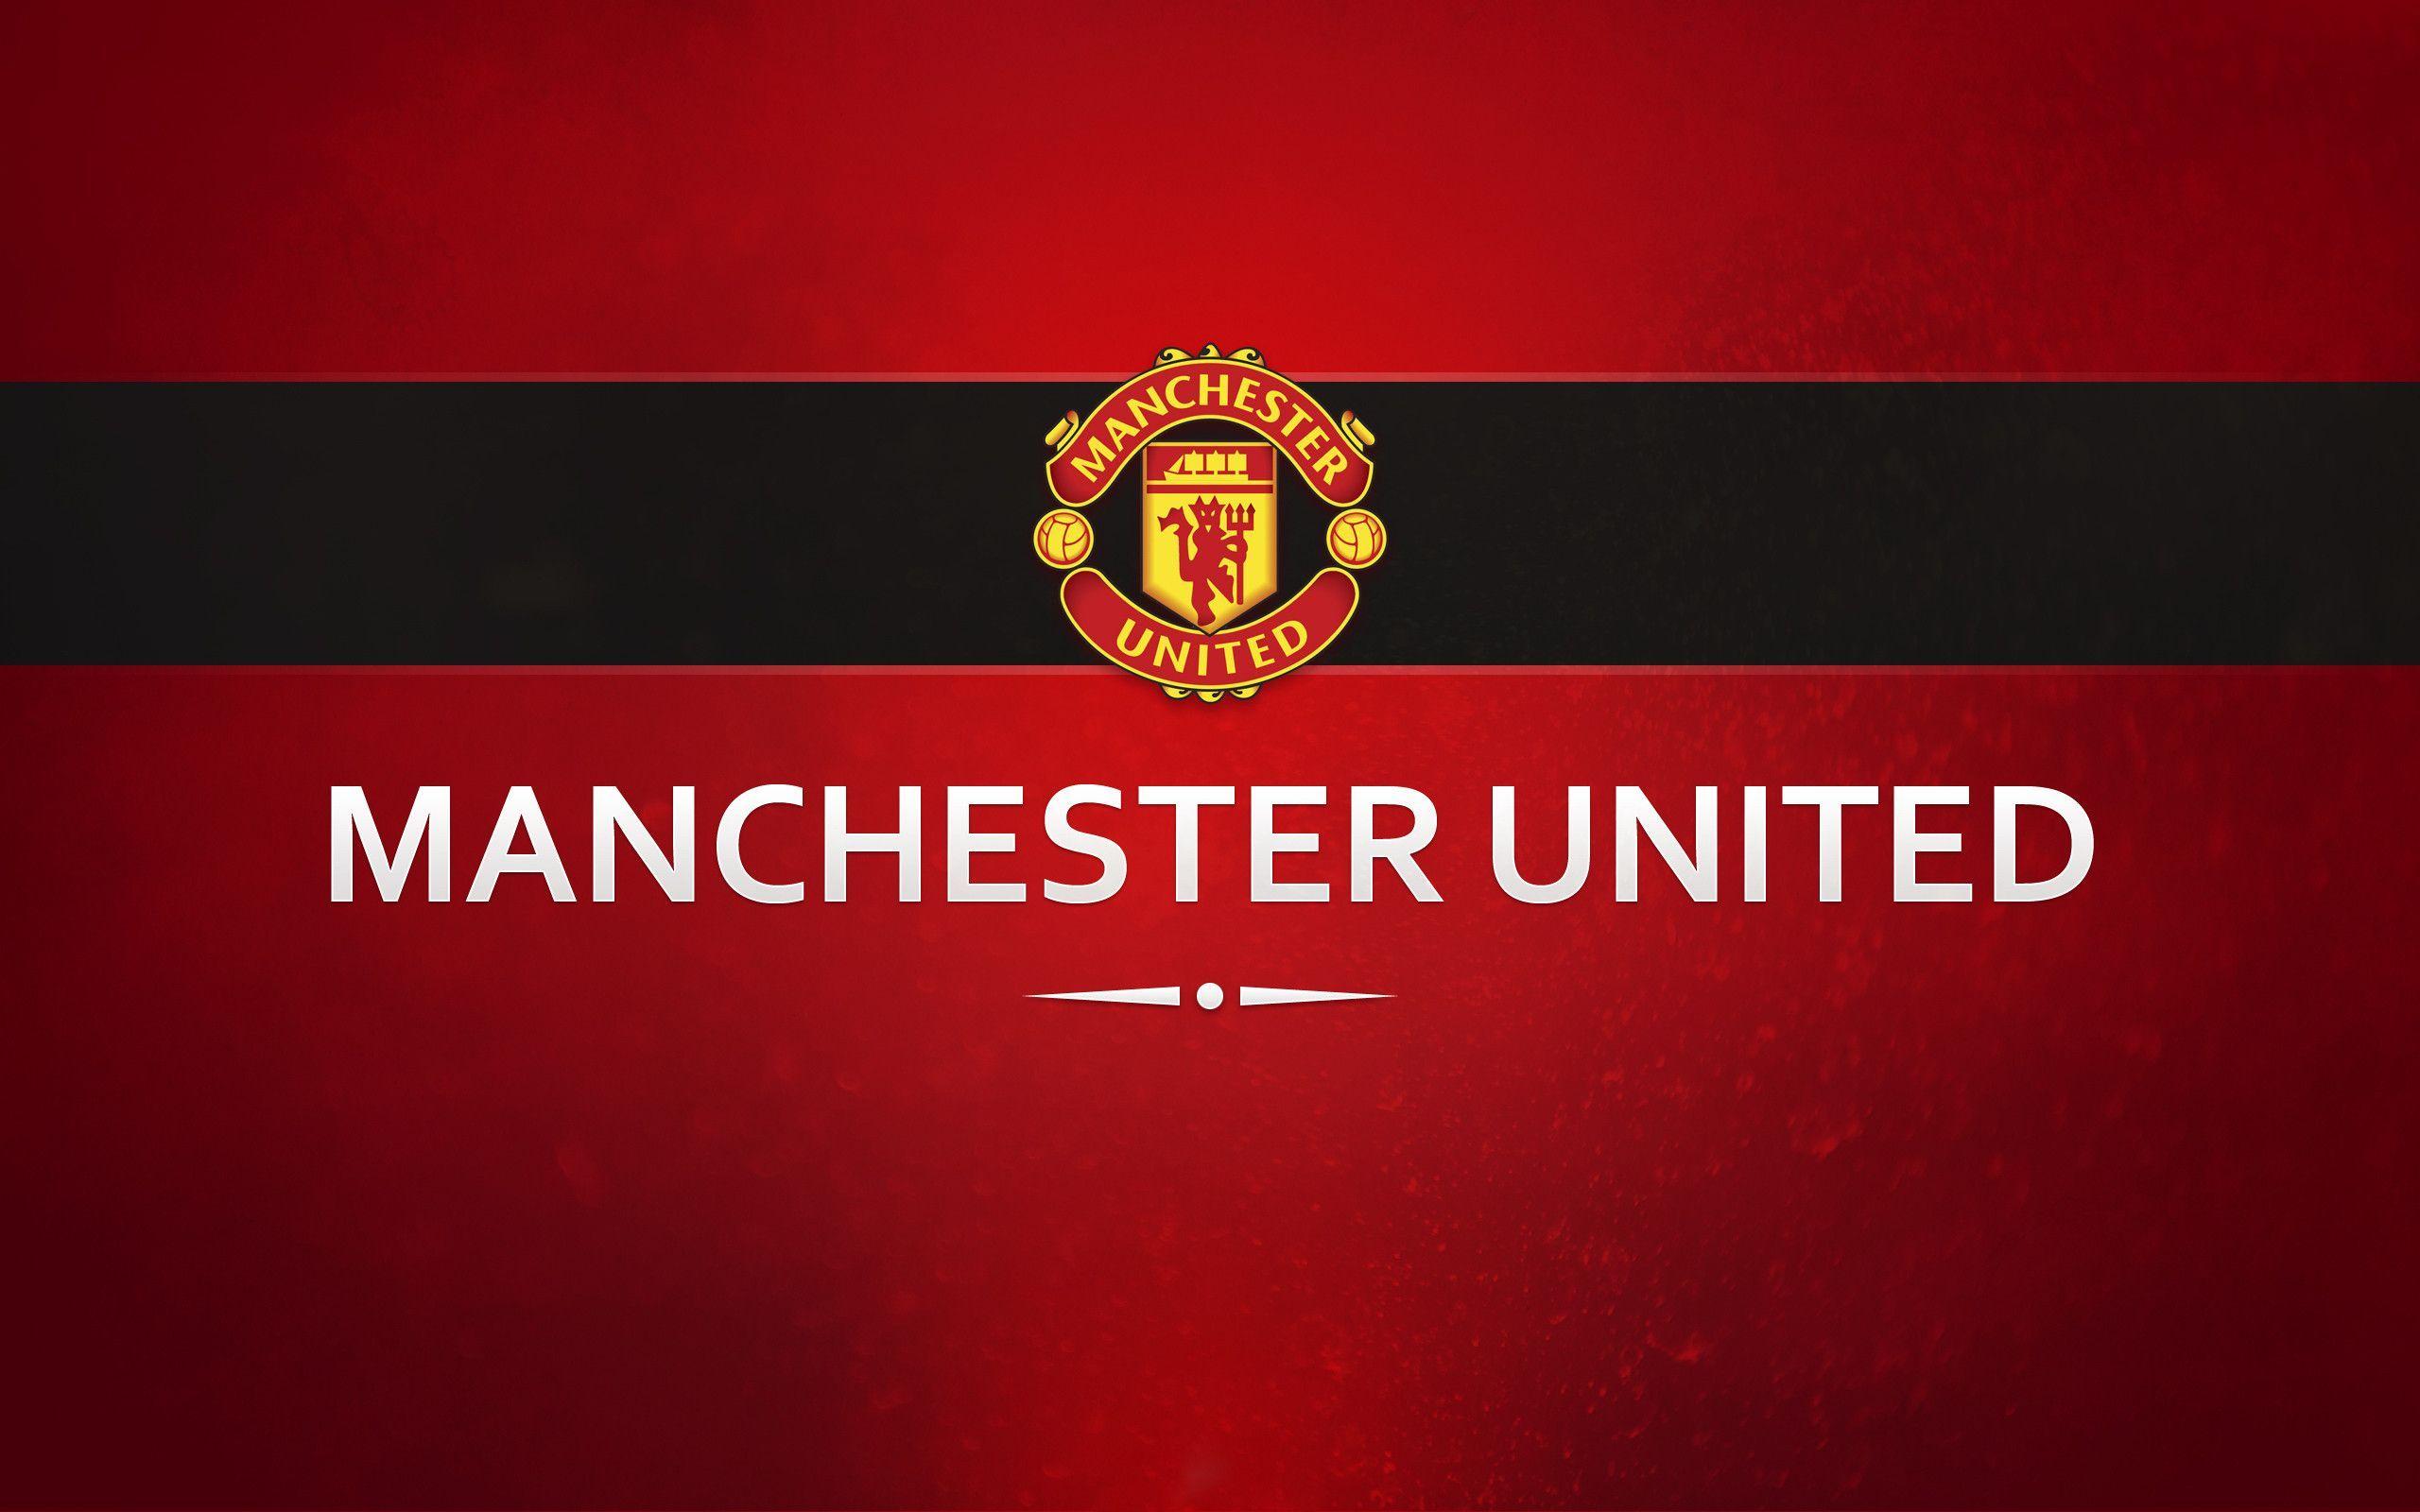 Man Utd Backgrounds Hd Wallpaperhd Wiki Manchester United Wallpaper Manchester United Logo Manchester United